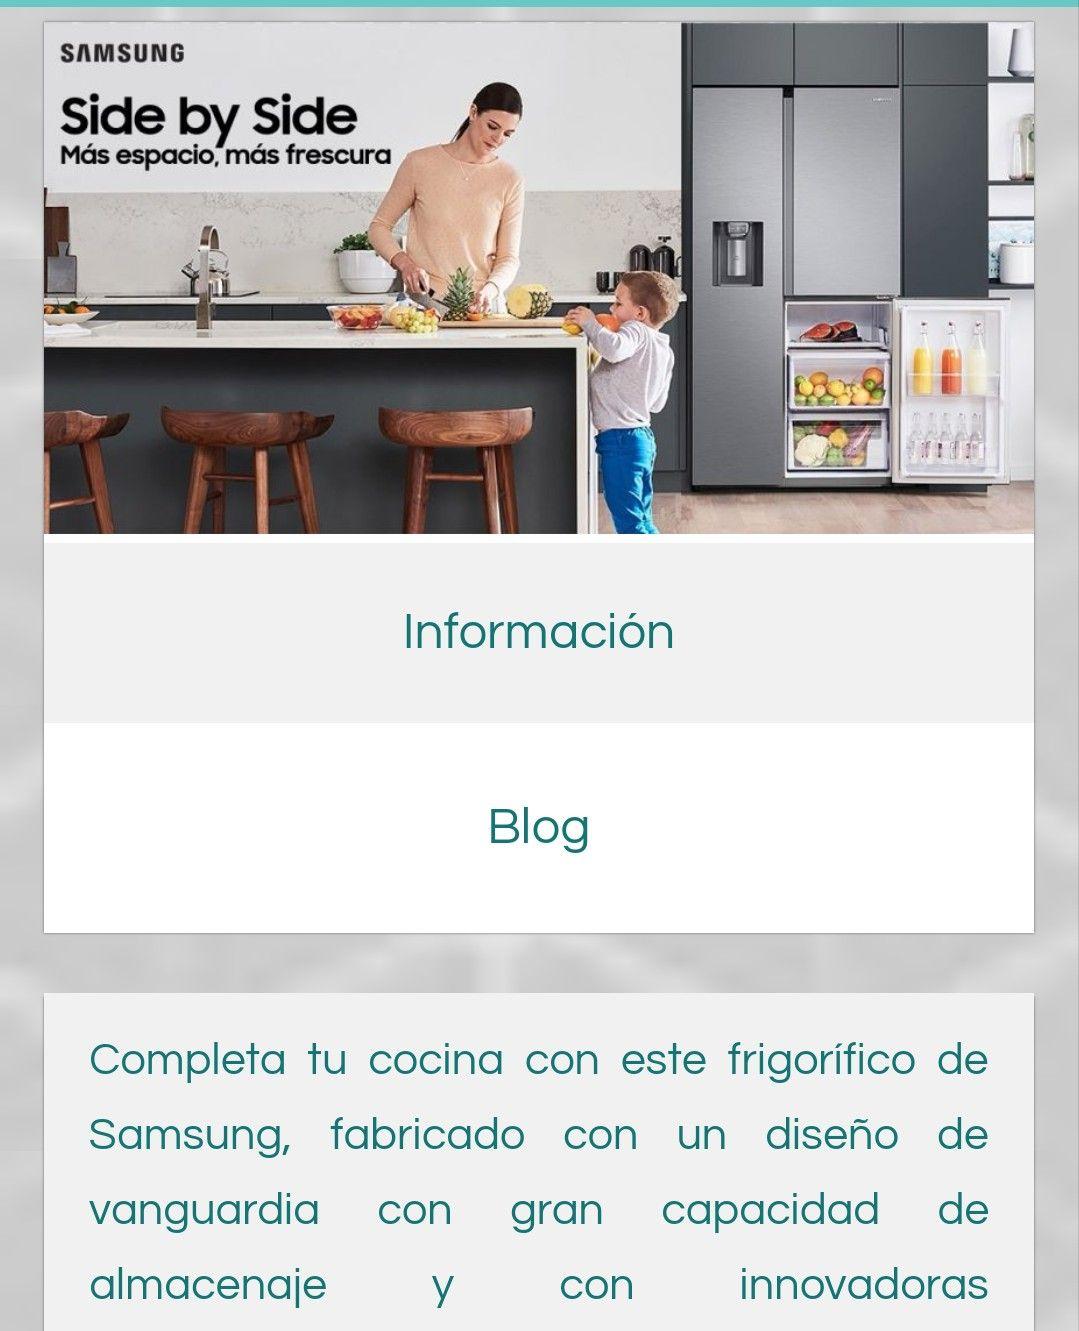 Campaña de frigoríficos de Samsung RS8000 Side by Side